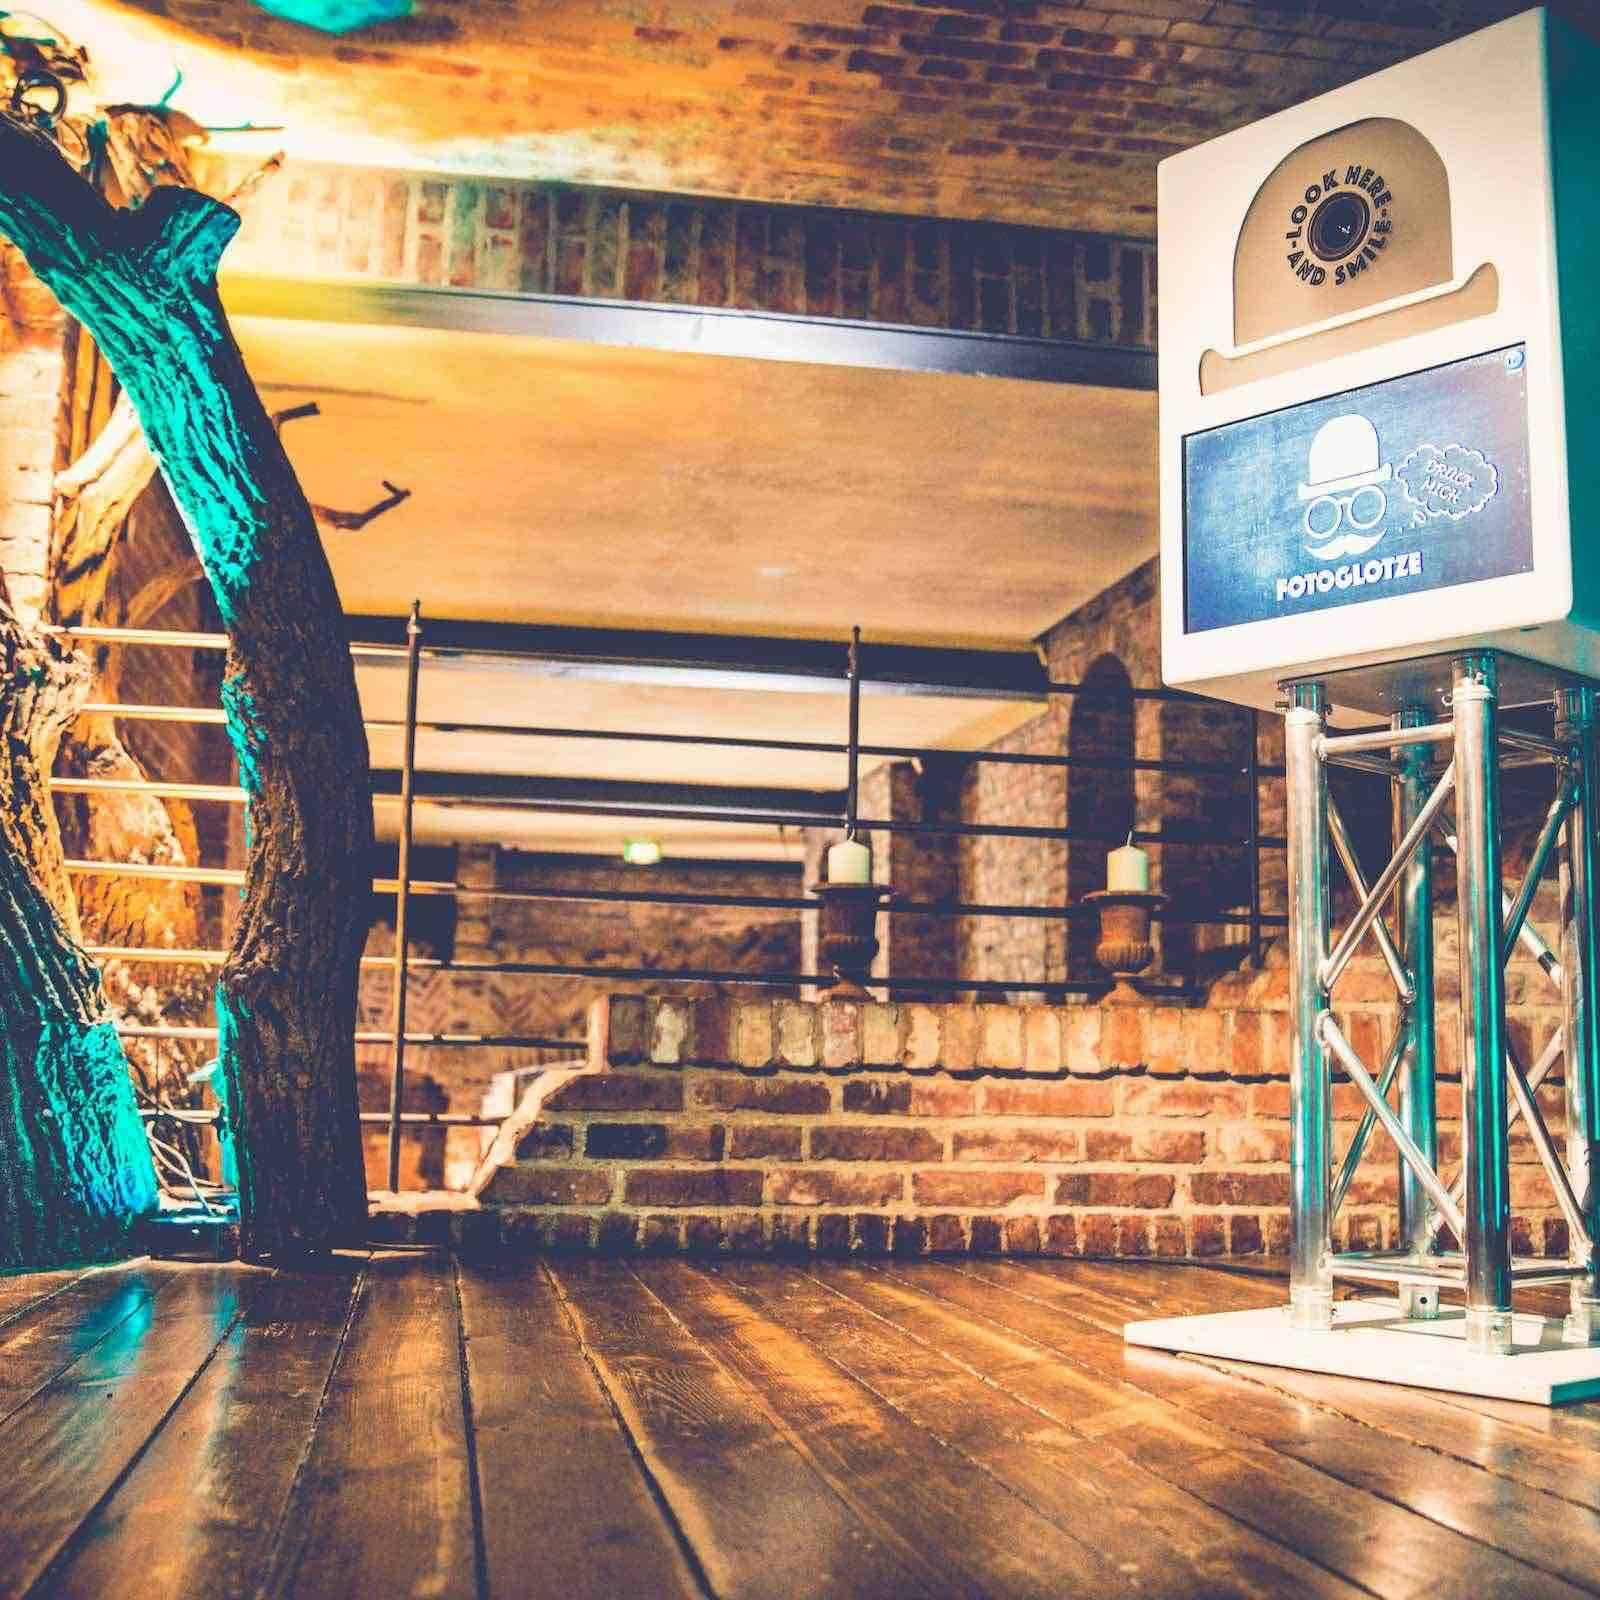 Fotobox | Hamburg | Mieten | Druck | Ausdruck | Sofortdruck | Fotokiste | Photobooth | Fotoautomat | Hochzeit | Messe | Event | Firmenfeier | Fotokiste | Abiball | Mieten | Fotoglotze | Hamburgfeiert